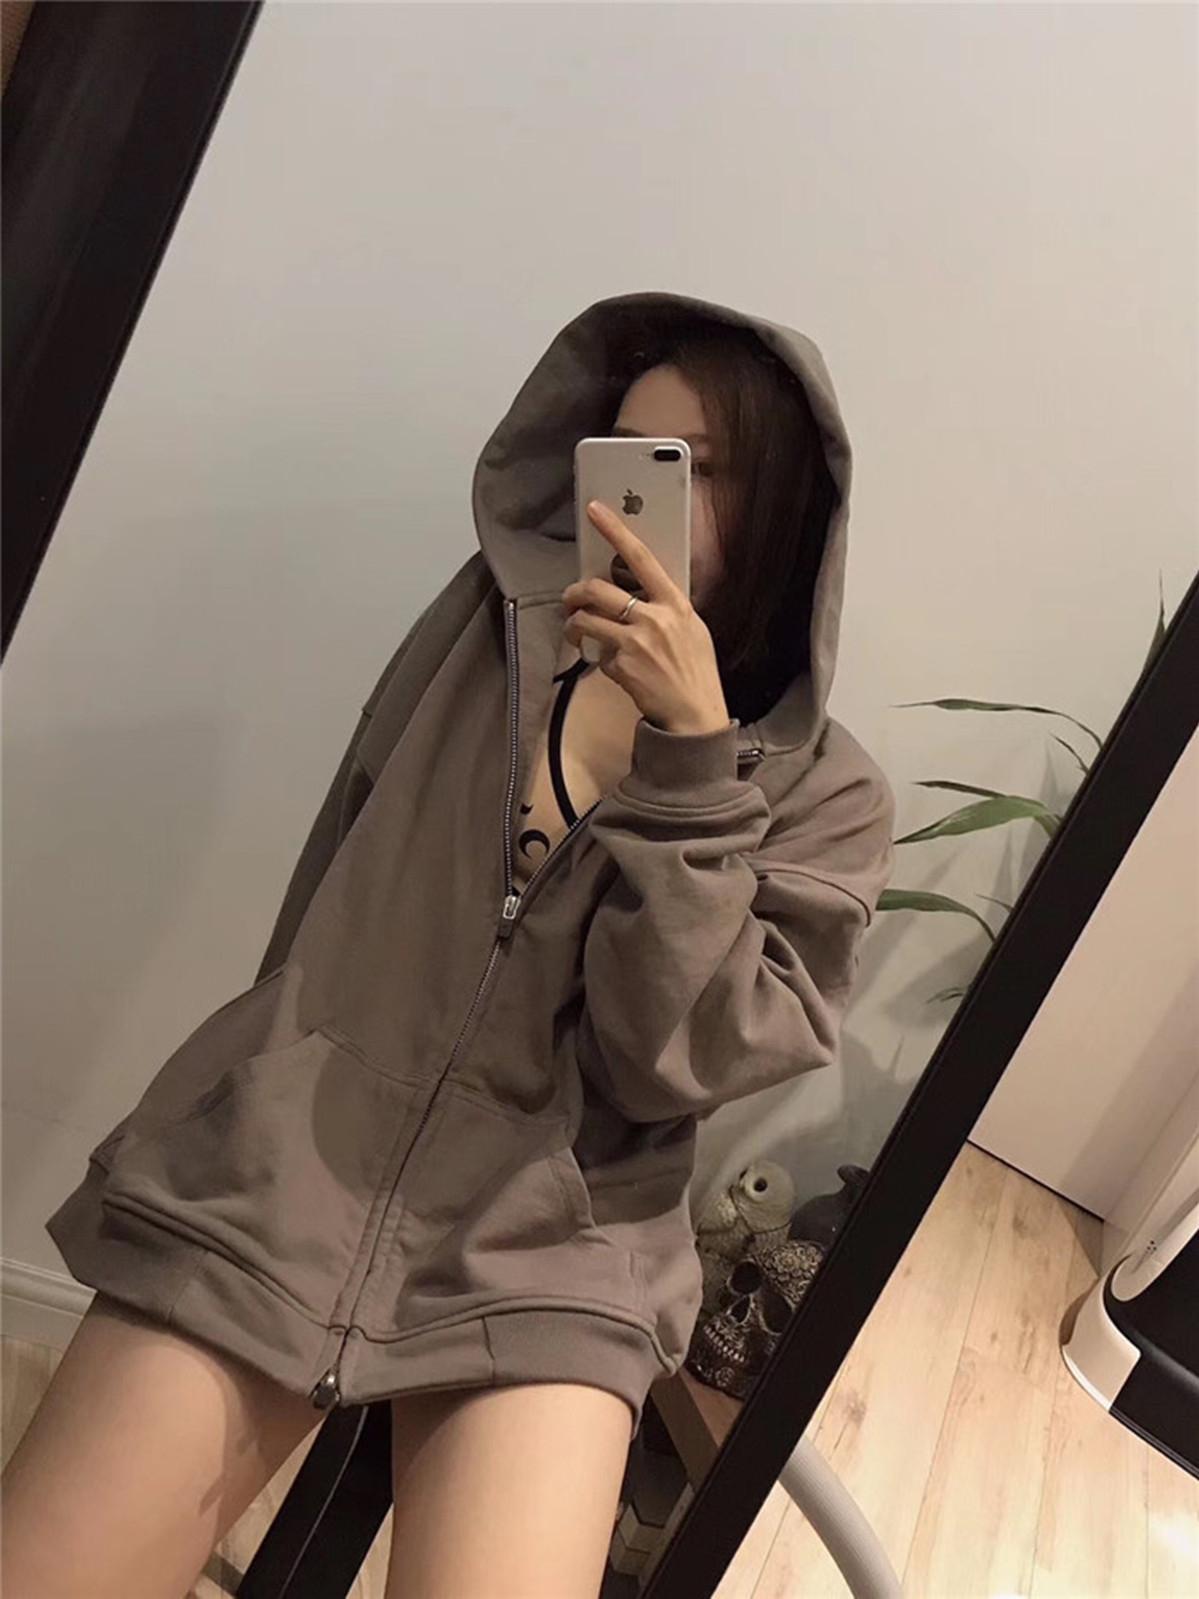 Fashion Grey Fear Sweater God Jacket Femmes Street Saison Hommes 6 Zip-Up God Spot Cardigan à capuche et style de brouillard élevé VCFCL